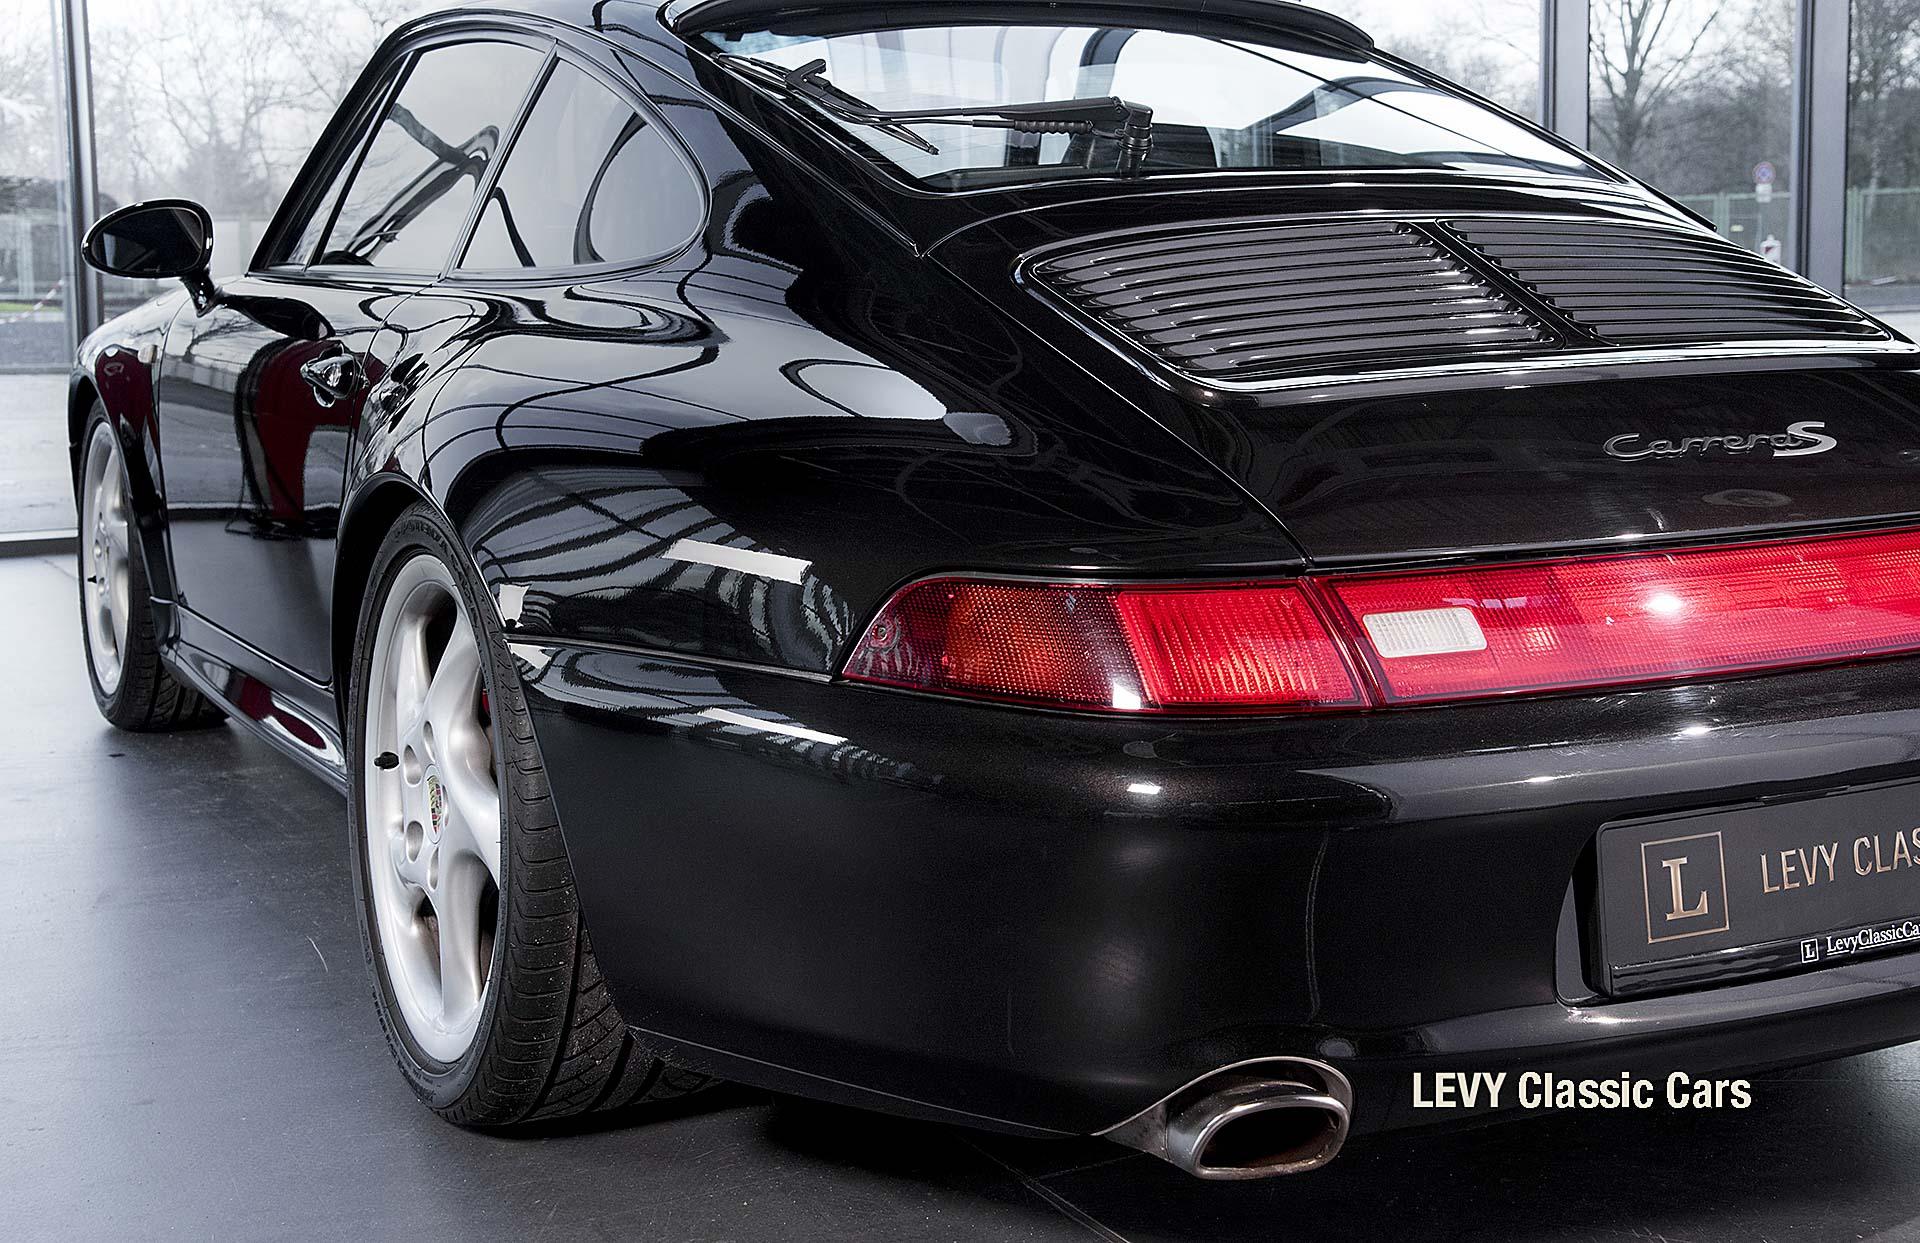 geschaerft Porsche Carrera 2 S 11679 08